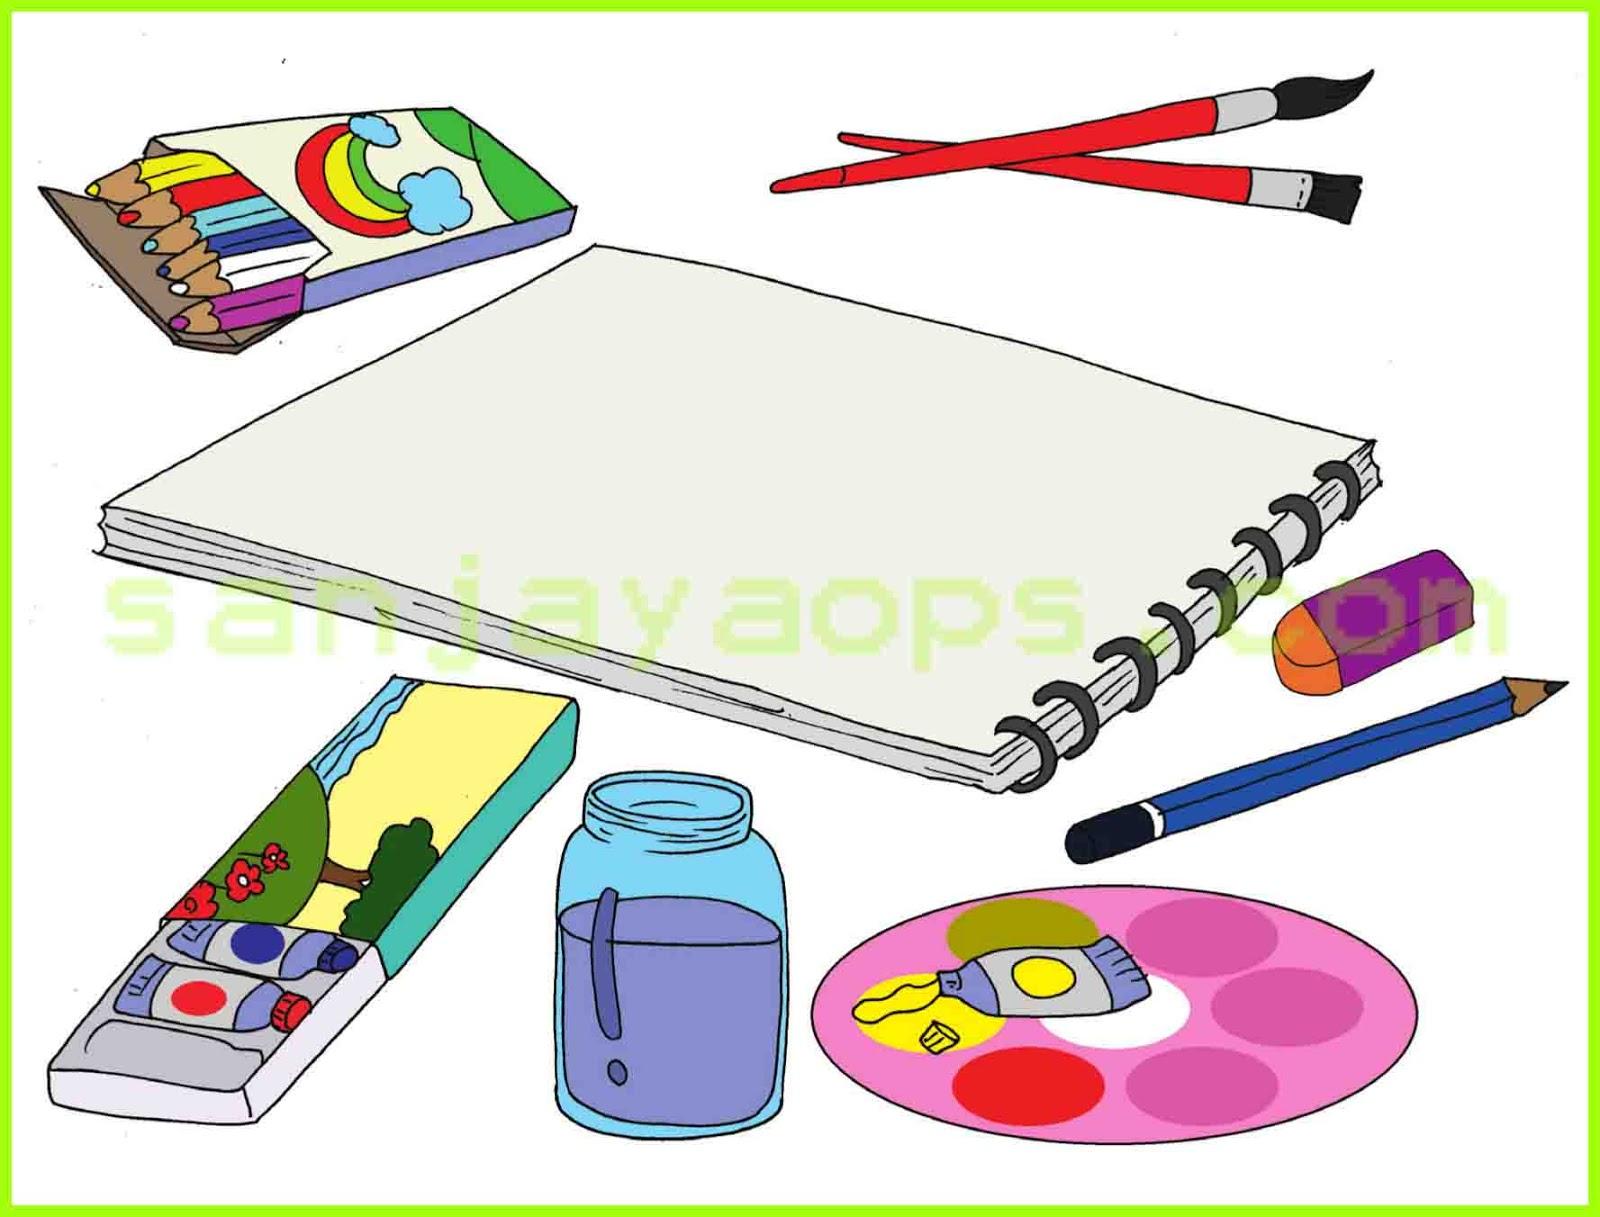 Kunci Jawaban Buku Siswa Tema 6 Kelas 6 Halaman 119 120 121 122 125 Sanjayaops